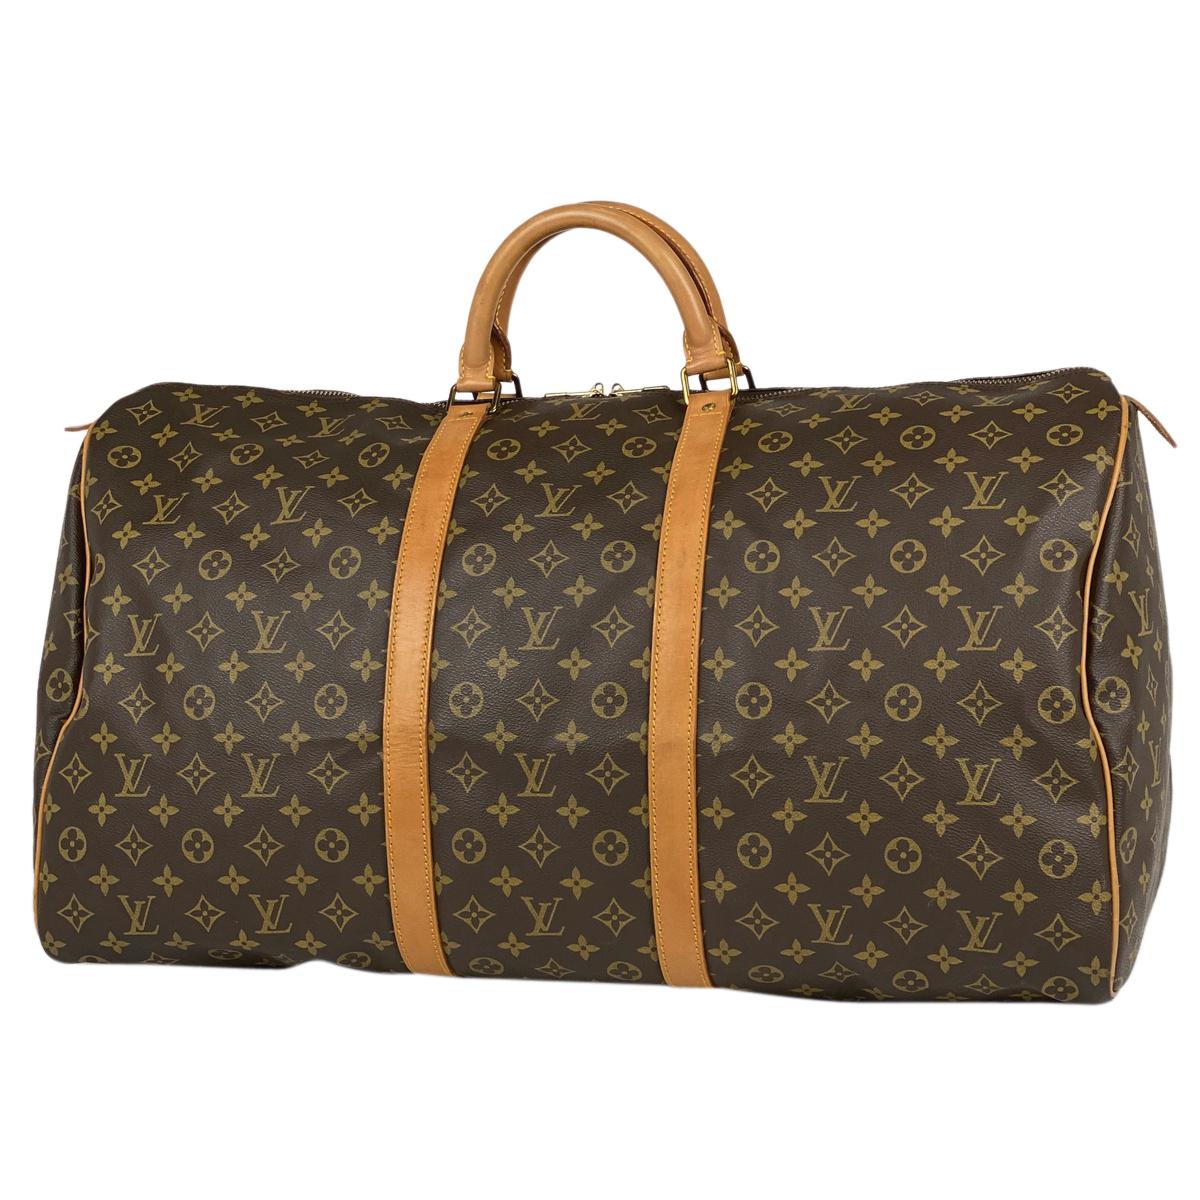 最新作の ルイ・ヴィトン Louis Vuitton キーポル 60 ハンドバッグ マザーバッグ 旅行 出張 ビジネス ジム 3泊4日 ノートPC 大容量 ボストンバッグ モノグラム ブラウン M41422 レディース 【】, 英田郡 47c04731